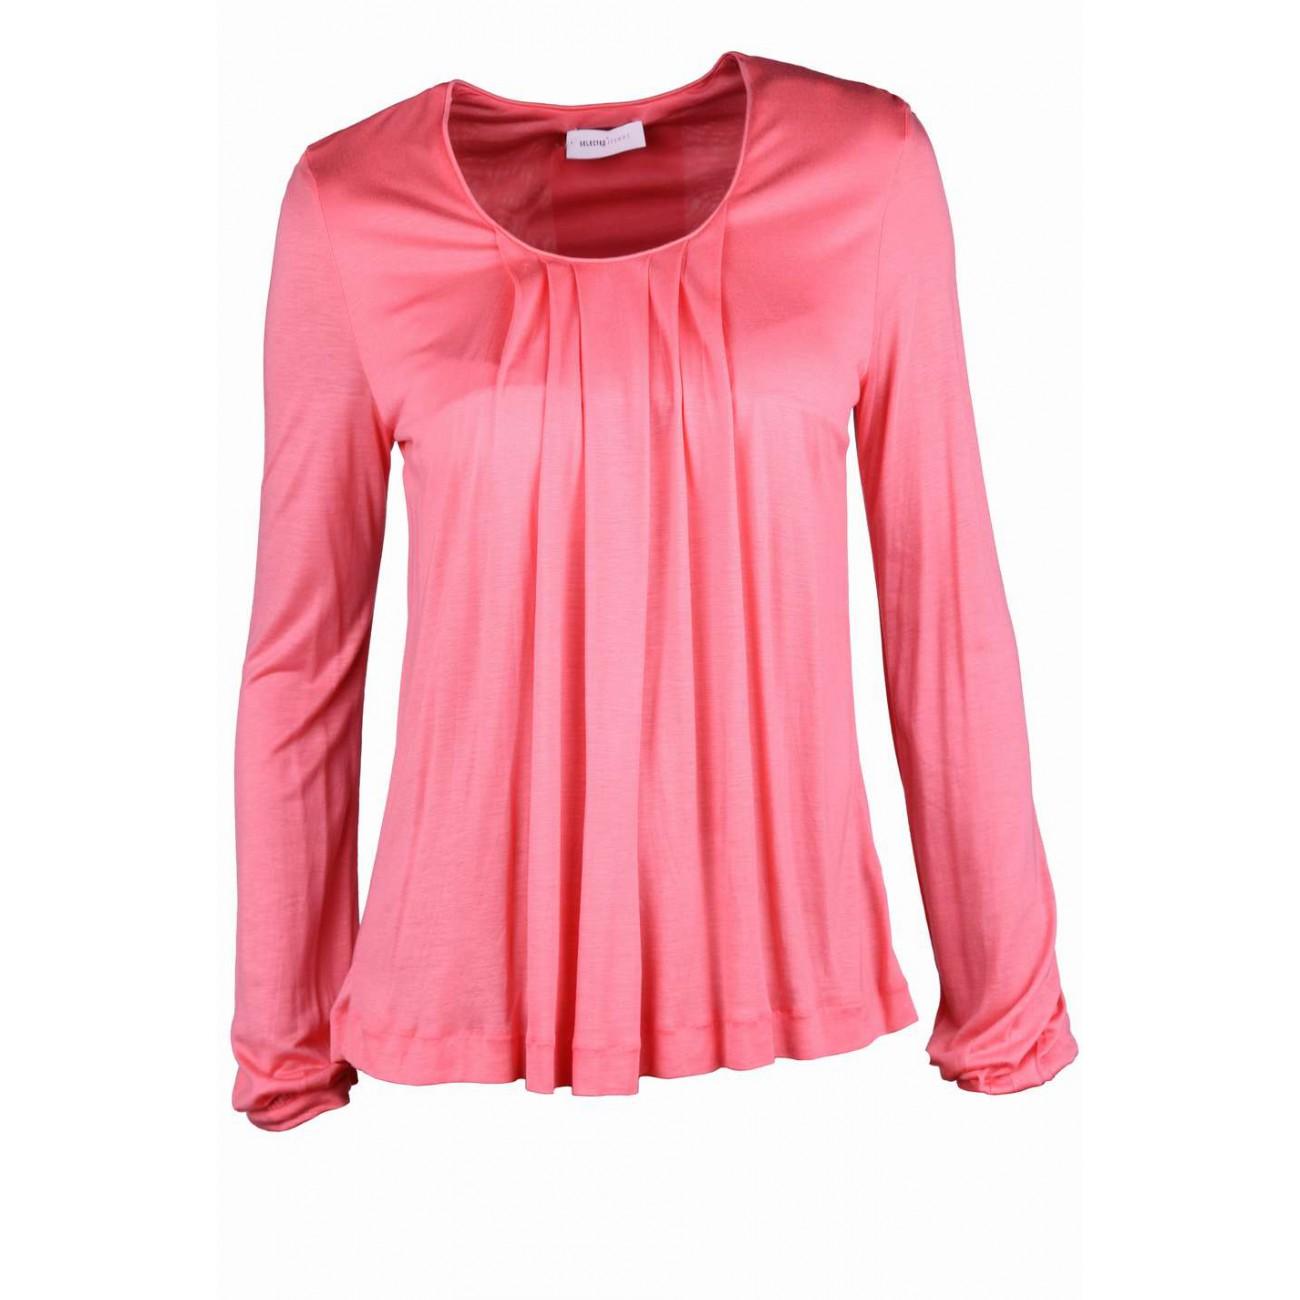 Блуза с драпировкой от горловины и встречной складкой на спине